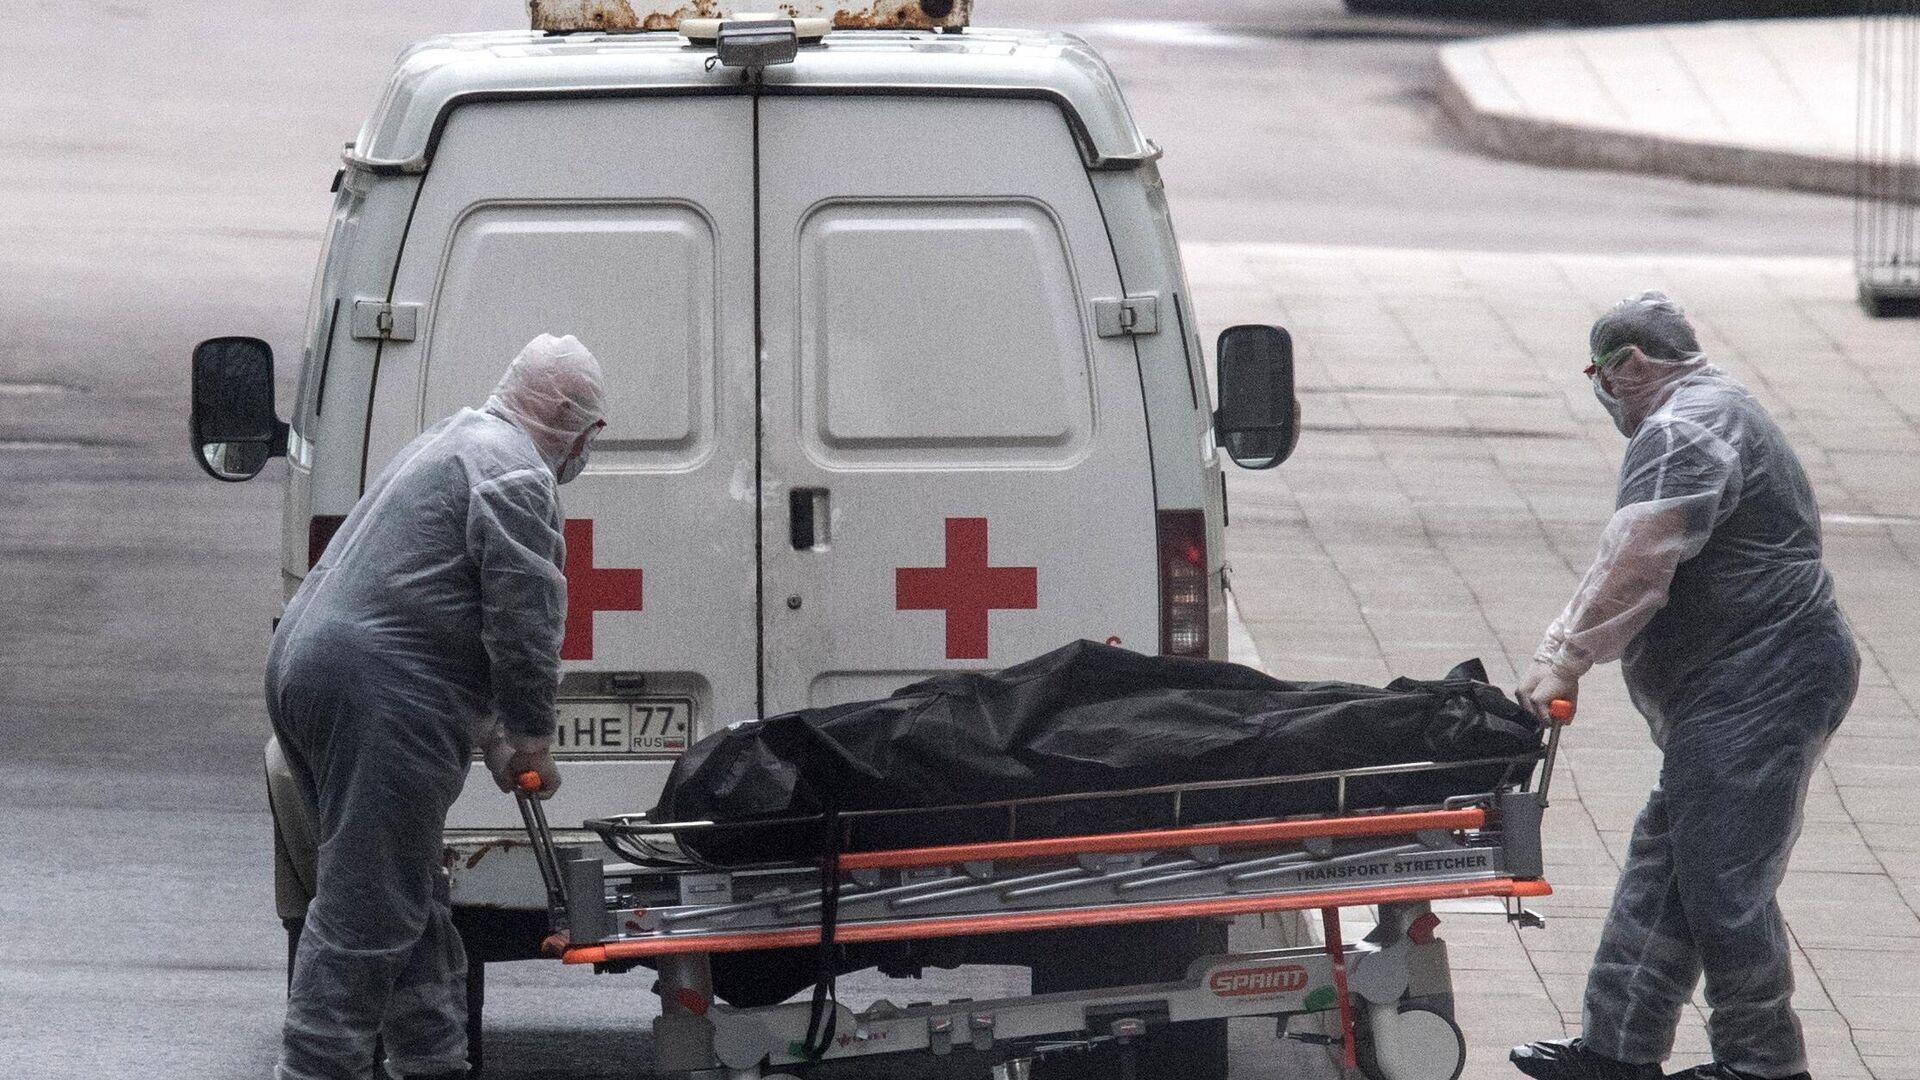 Медицинские работники перевозят тело умершего - Sputnik Ўзбекистон, 1920, 06.10.2021